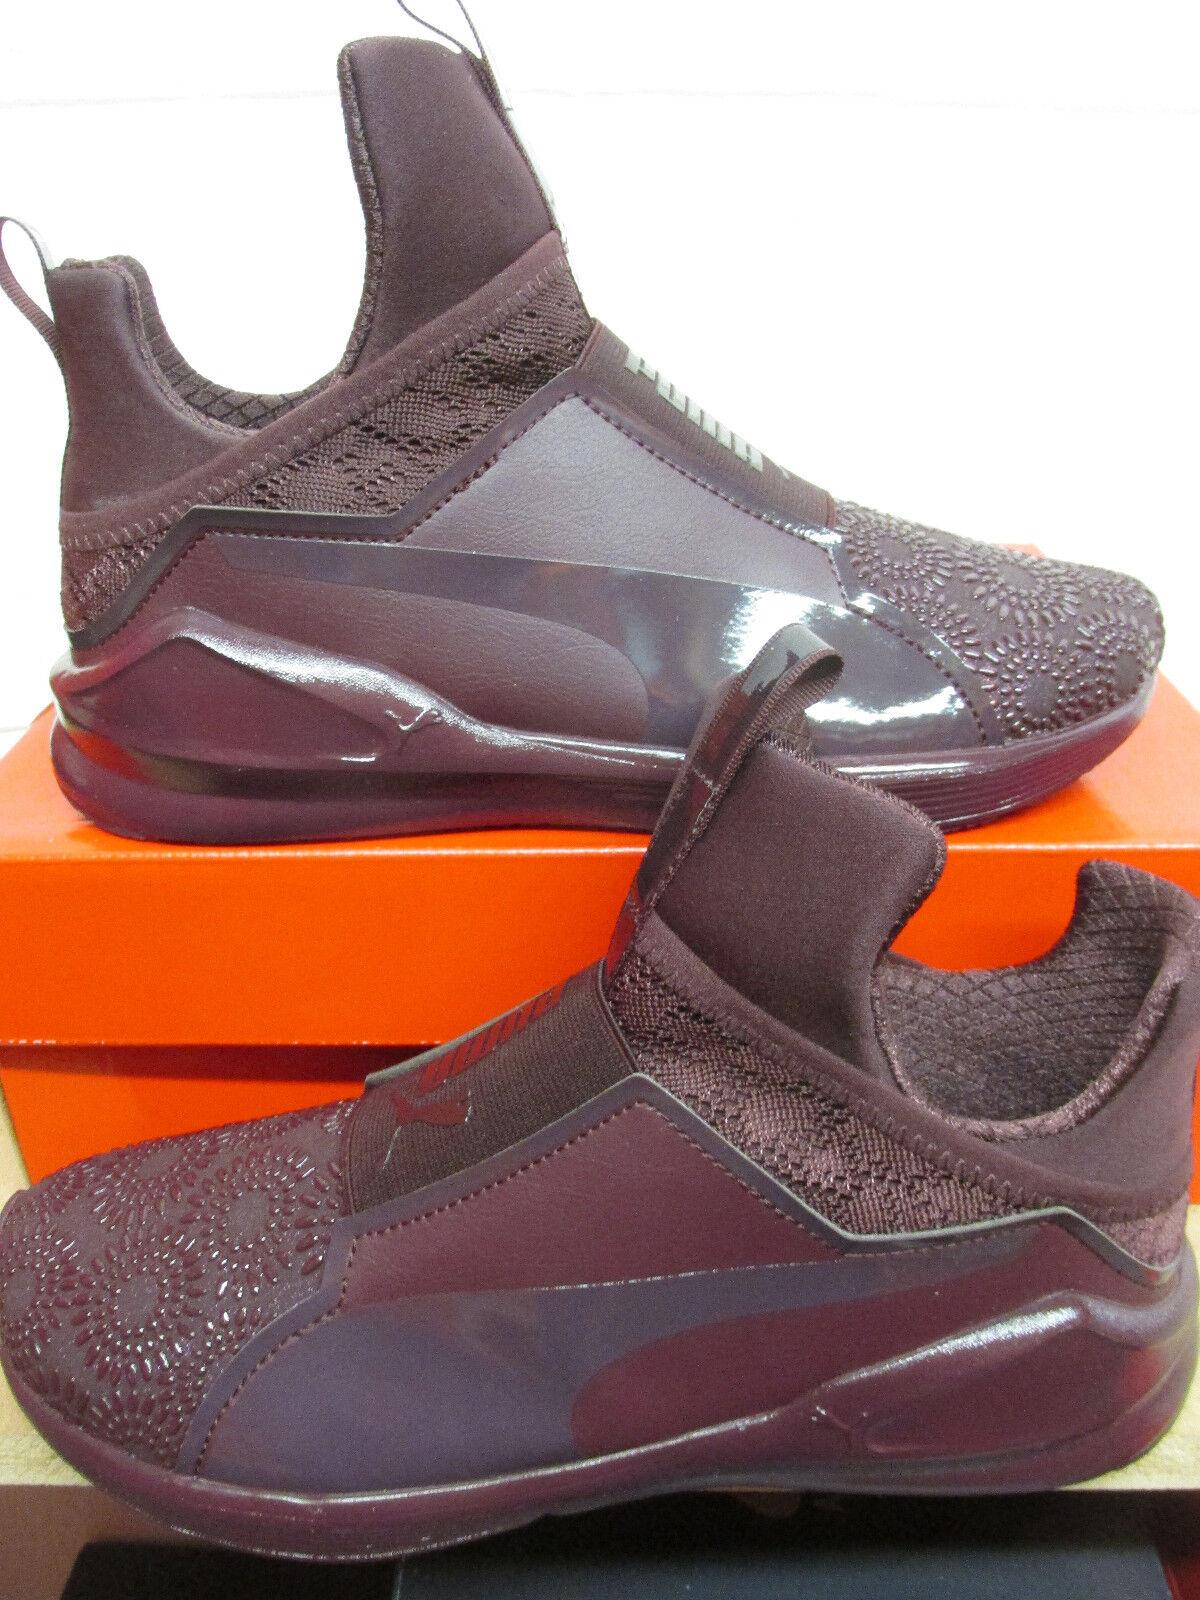 Puma Puma Puma Feroce Classici Da Donna scarpe da ginnastica Alte Scarpe scarpe da ginnastica 189866 02 774e84